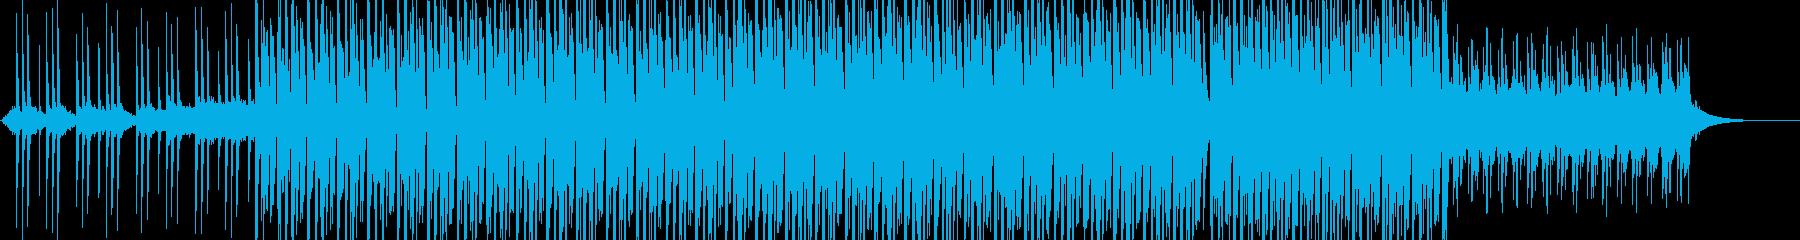 まったり、爽やか、エレクトロPOPの再生済みの波形